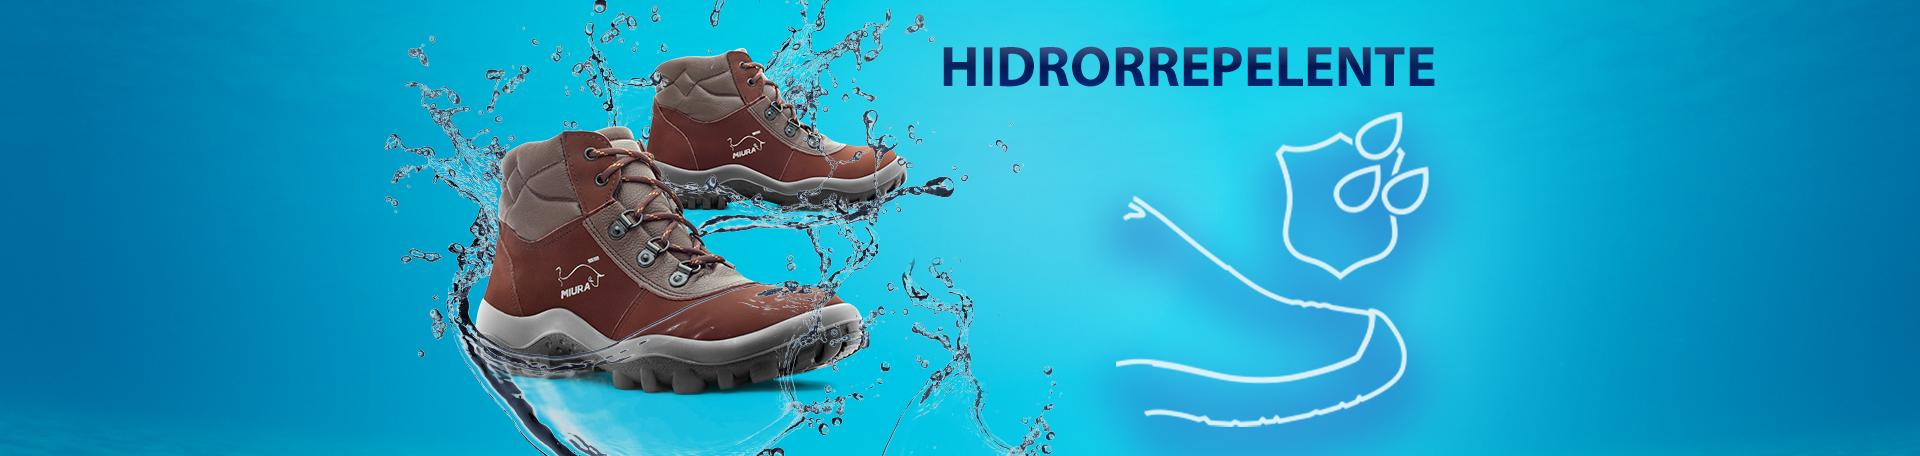 calzado de seguridad hidrorrepelente